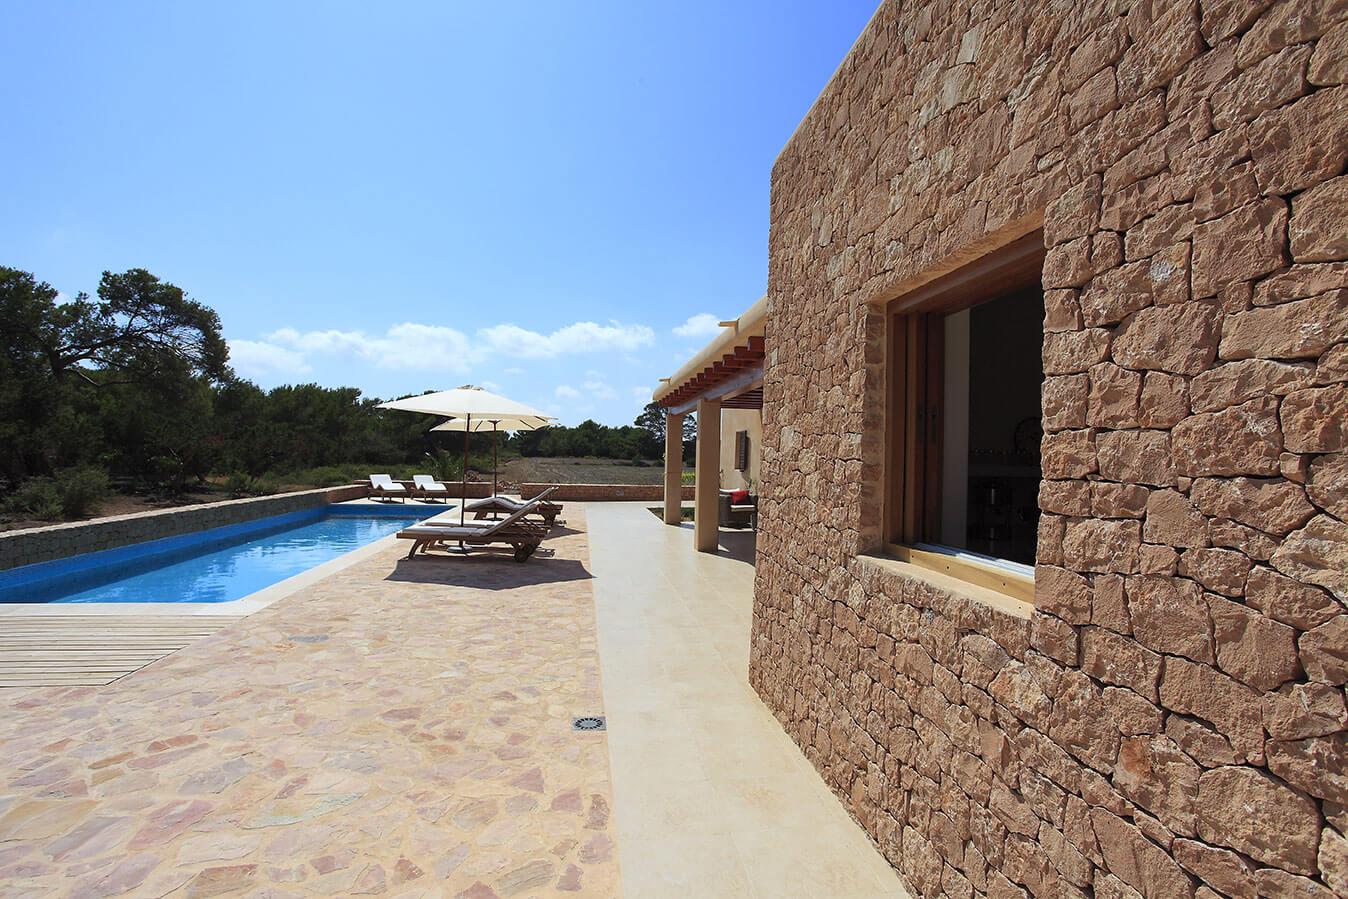 Alojamientos turísticos Cardona en Formentera. Villa Can Cardona con piscina y jardín.